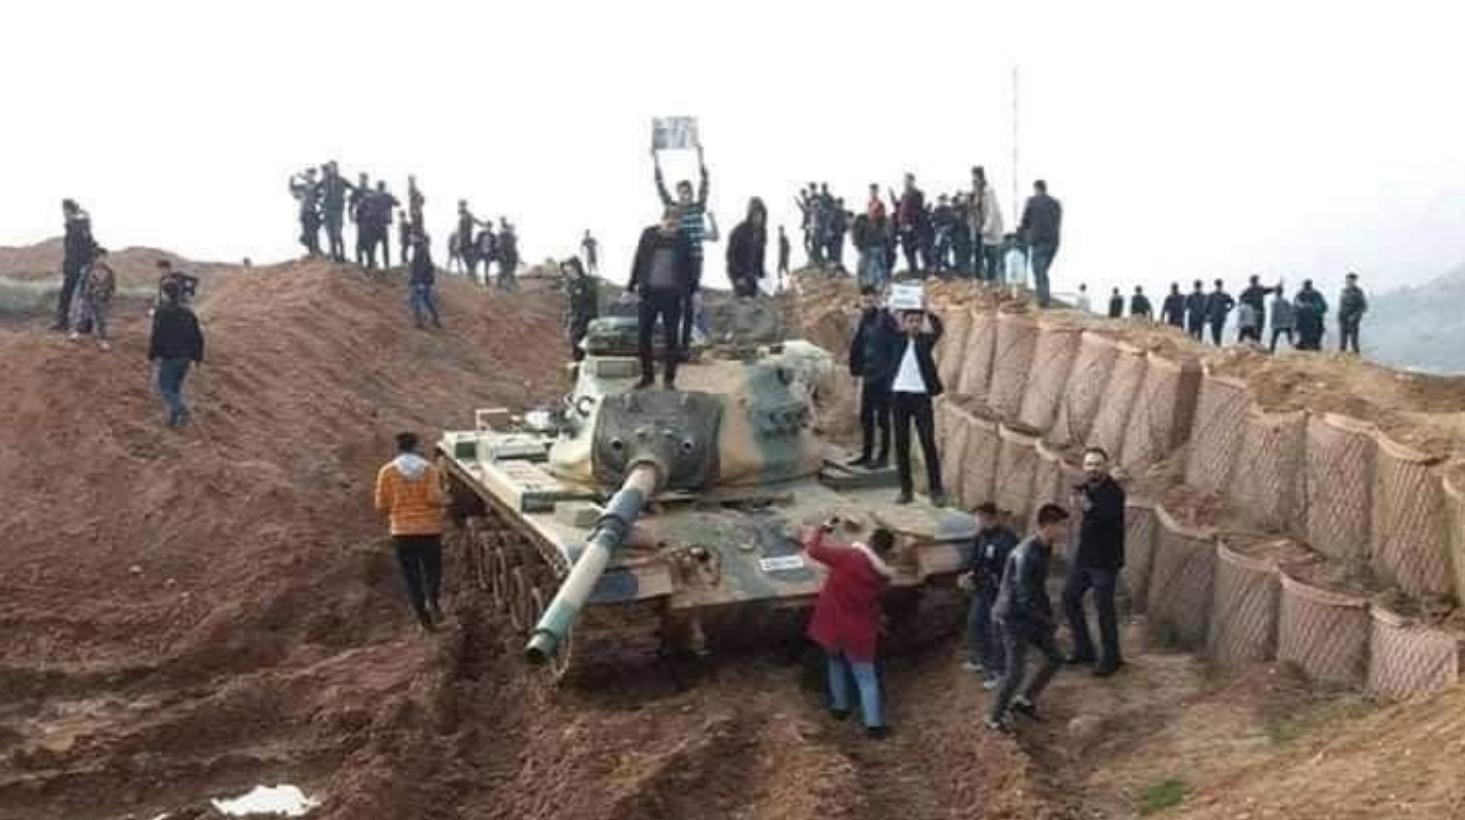 Un char capturé par les manifestants lors de la prise de la base samedi 26 janvier